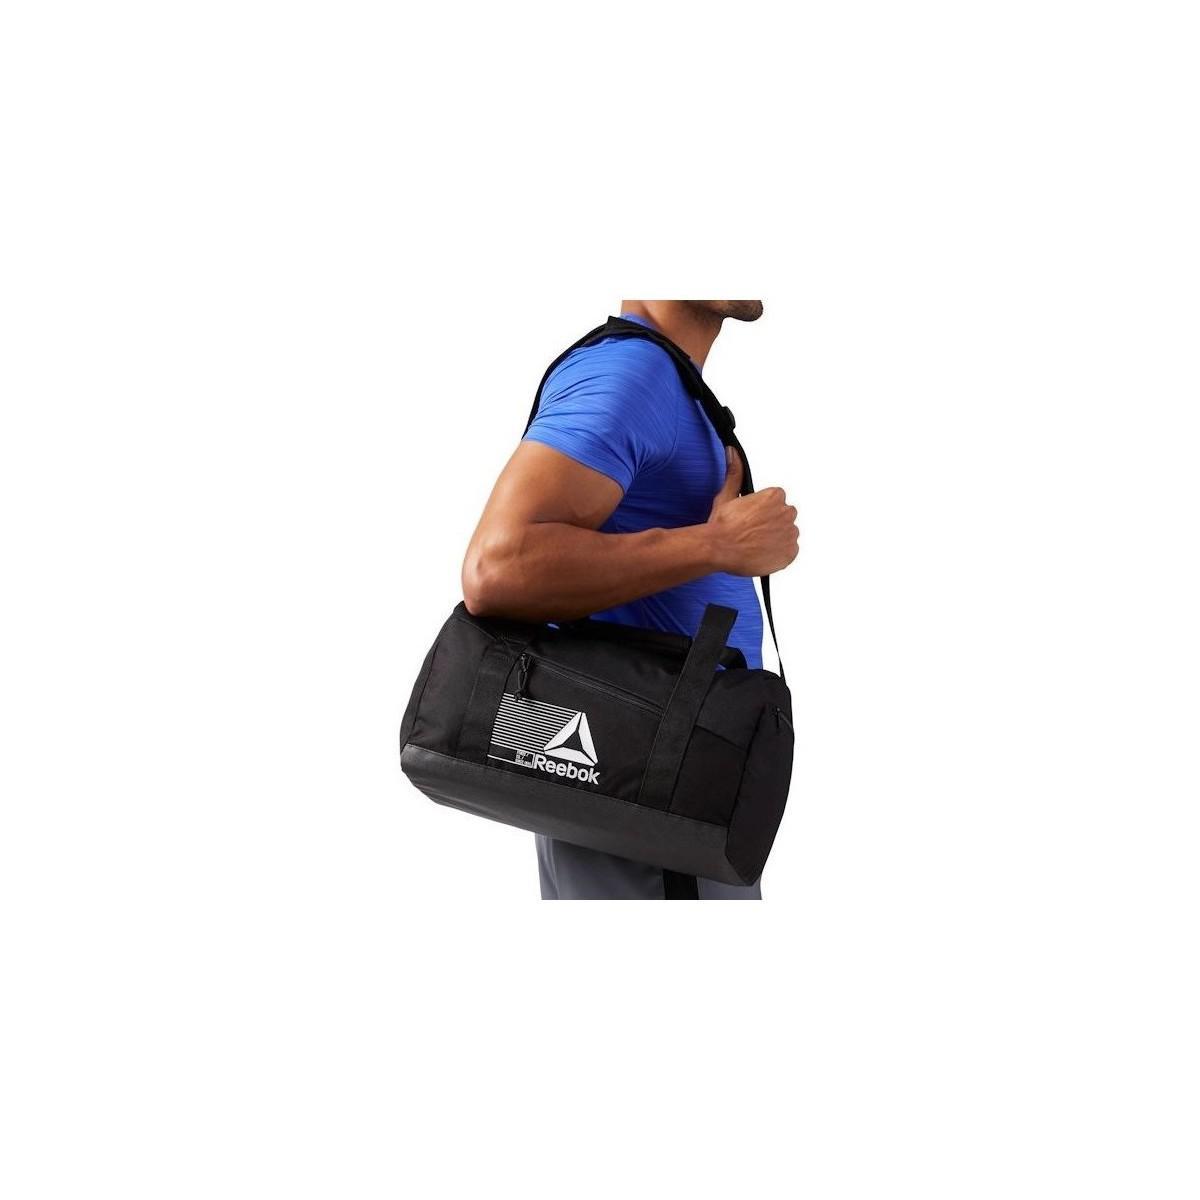 bb8cd02a9af2a Reebok Act Fon S Grip Men s Sports Bag In Black in Black for Men - Lyst